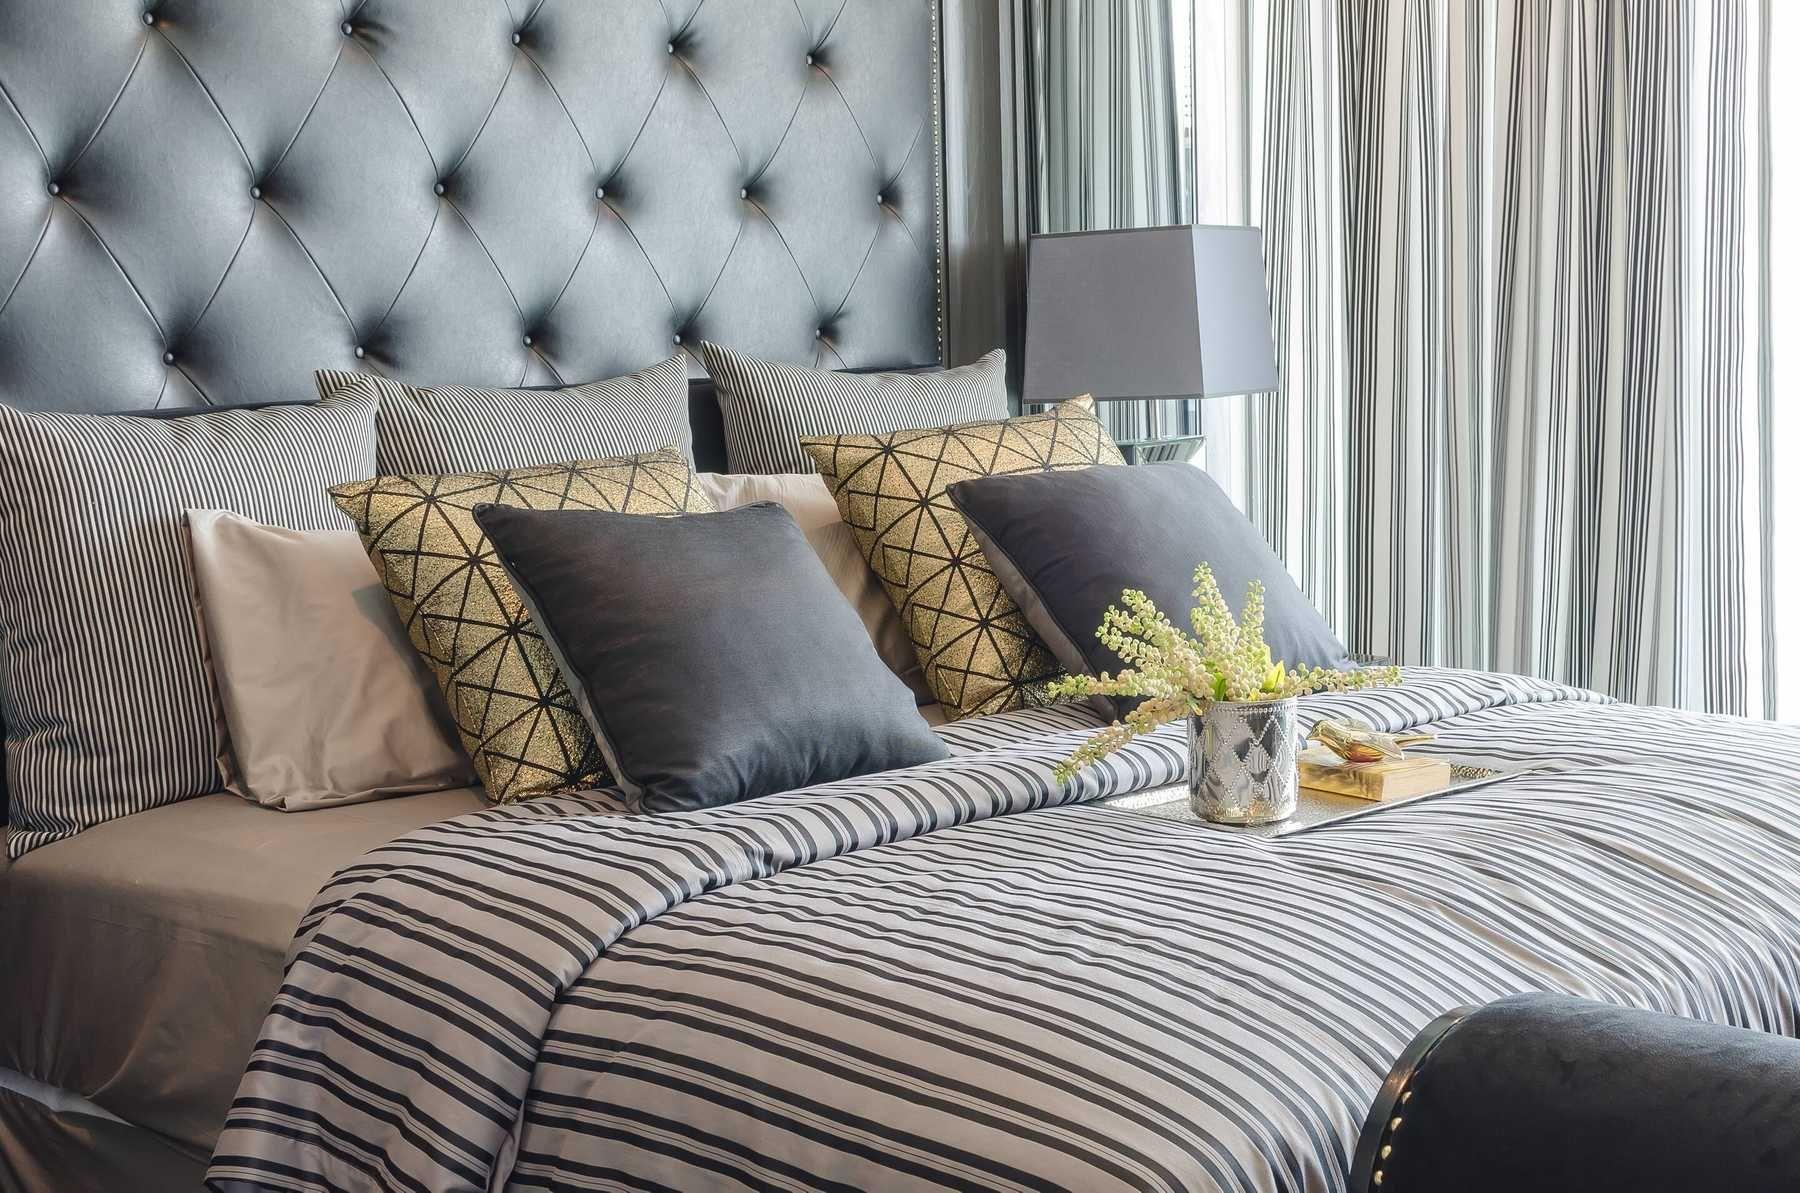 Bố trí phòng ngủ đẹp bằng cách sắp xếp đồ gọn gàng